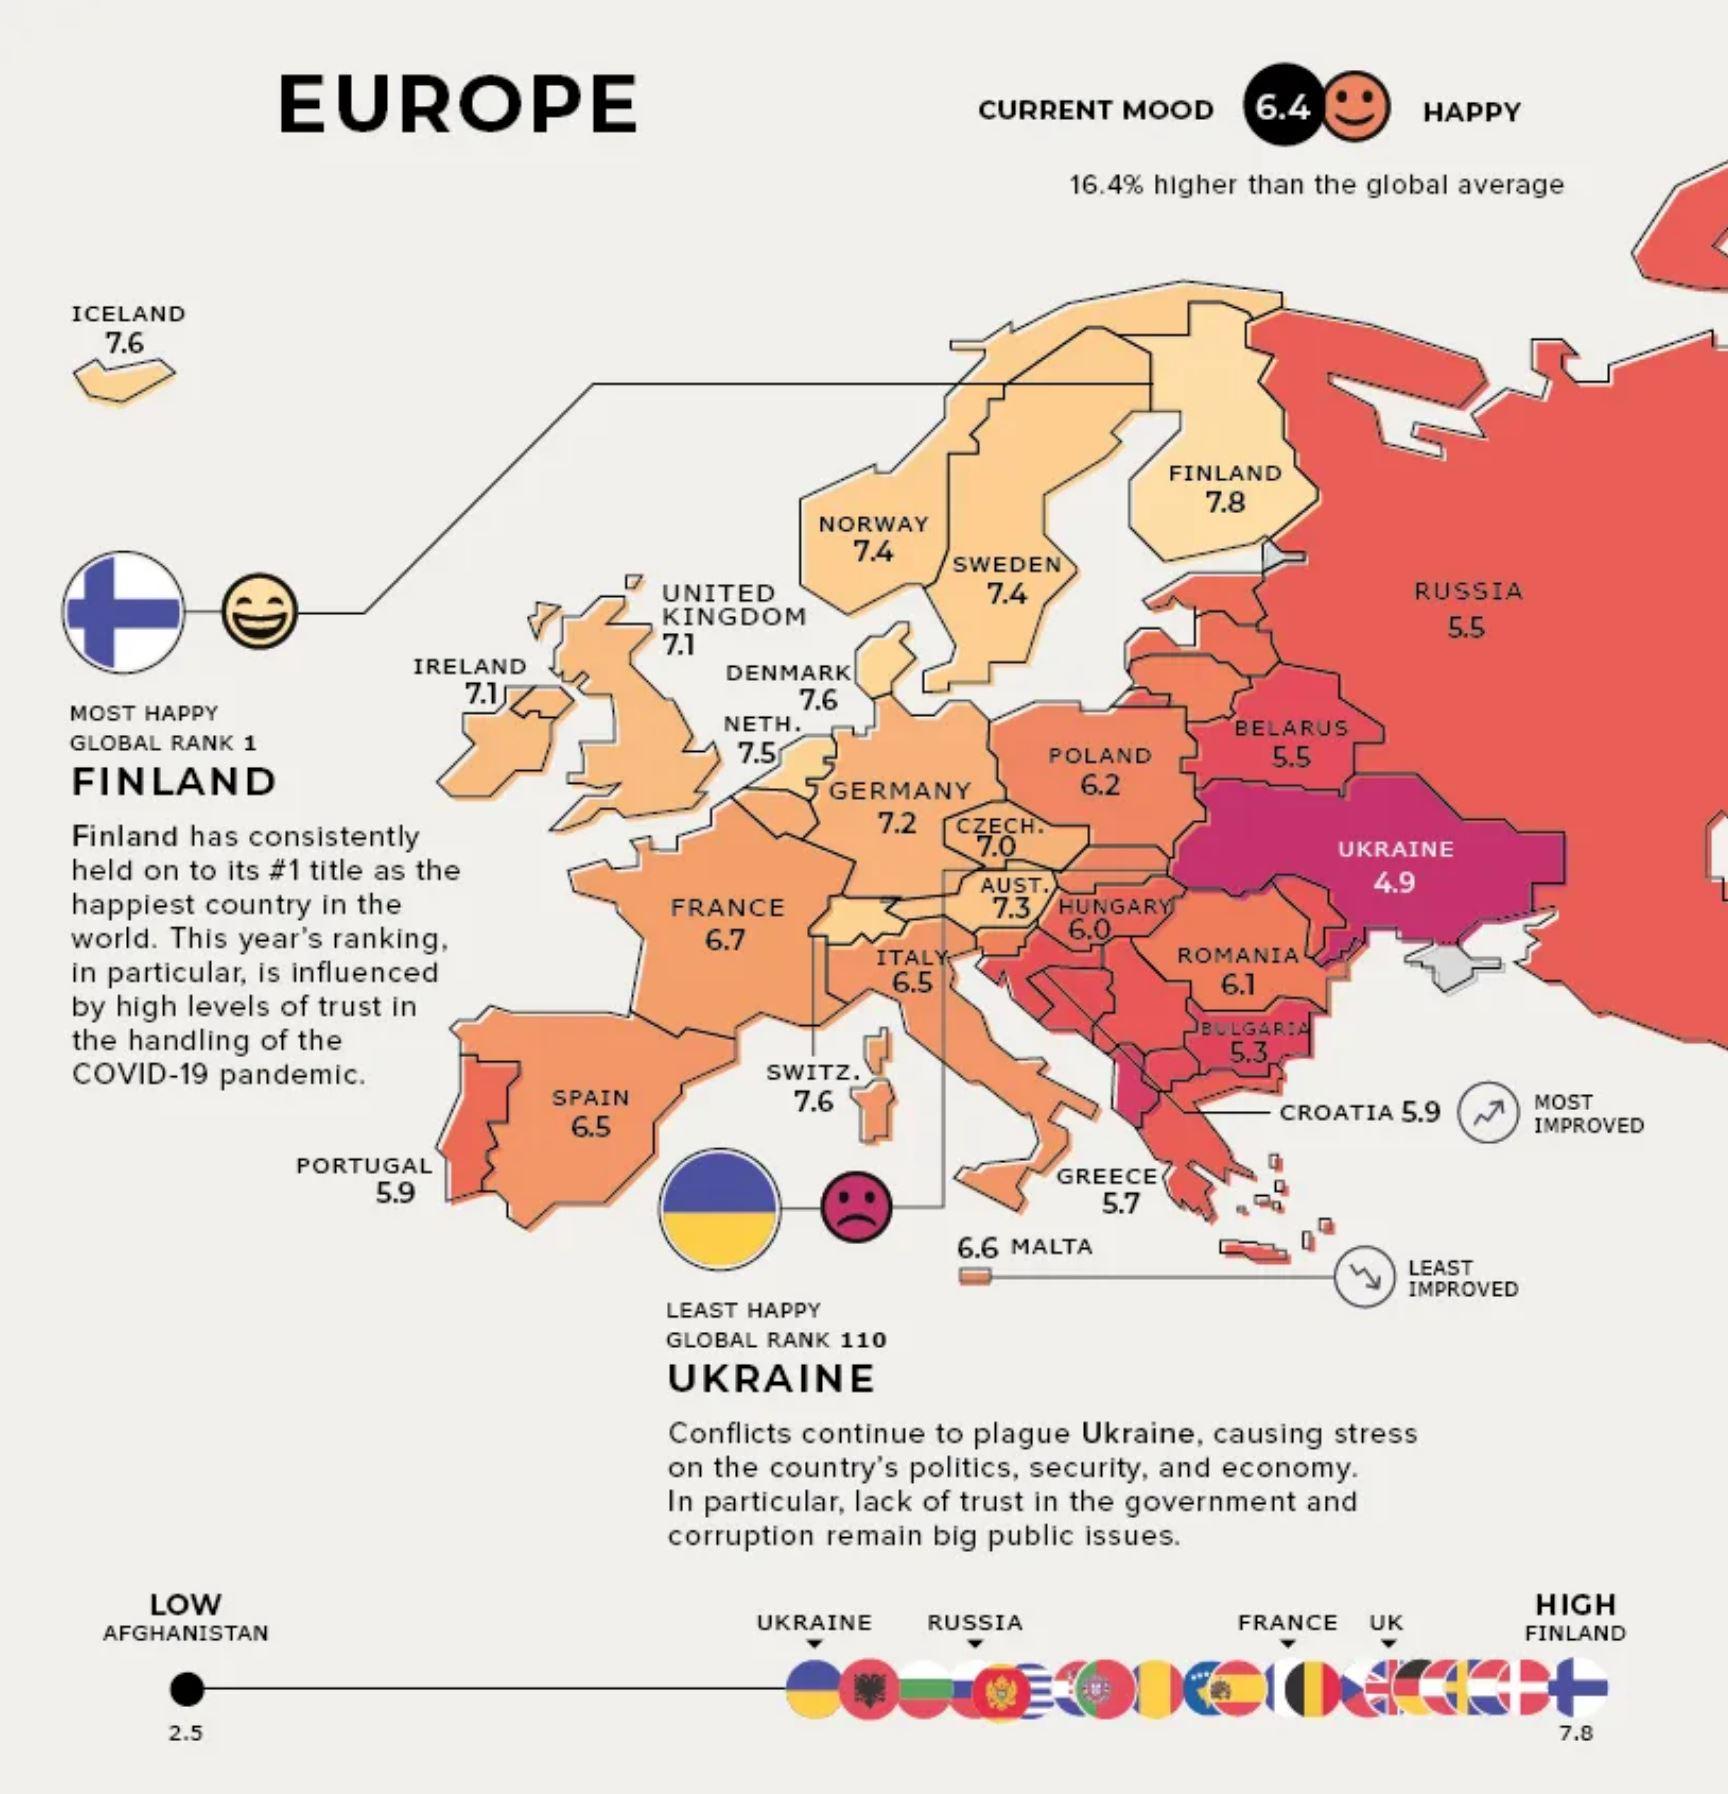 Украинцев признали самыми несчастливыми в Европе. Инфографика. Большой общественной проблемой остается коррупция в правительстве